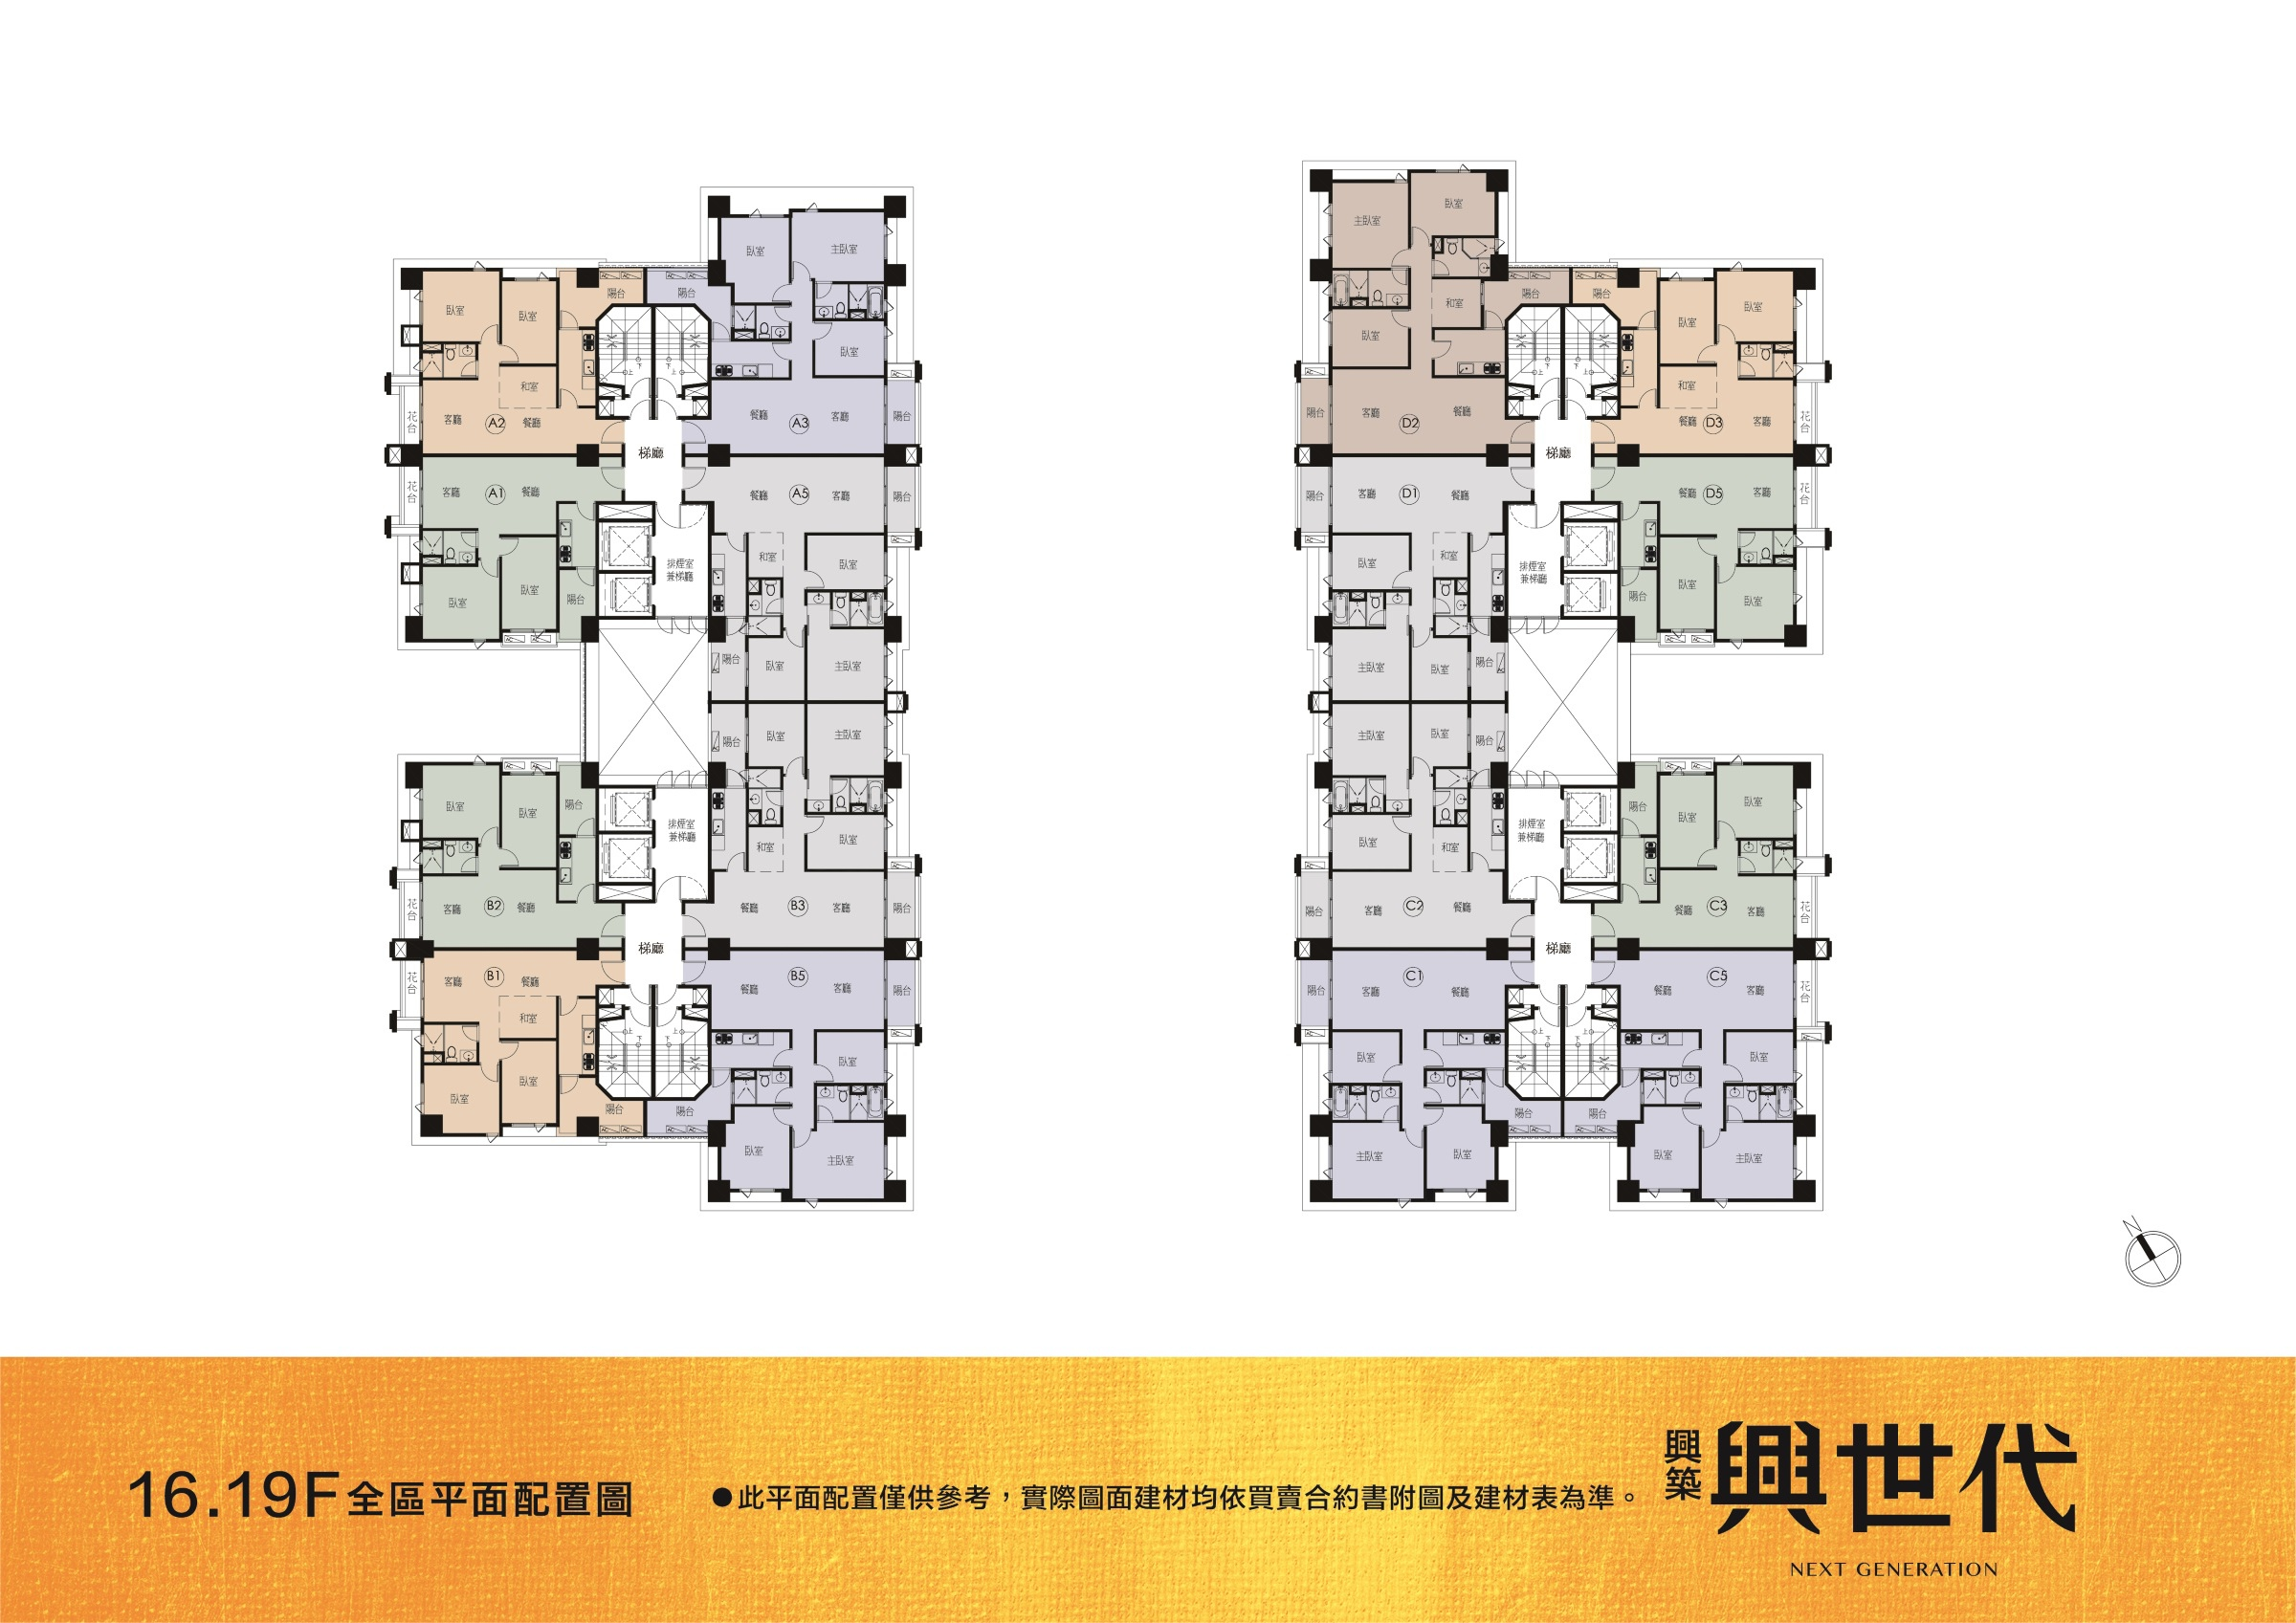 [新竹光埔] 興築建設-興世代(大樓)2015-03-11 026 16F,19F